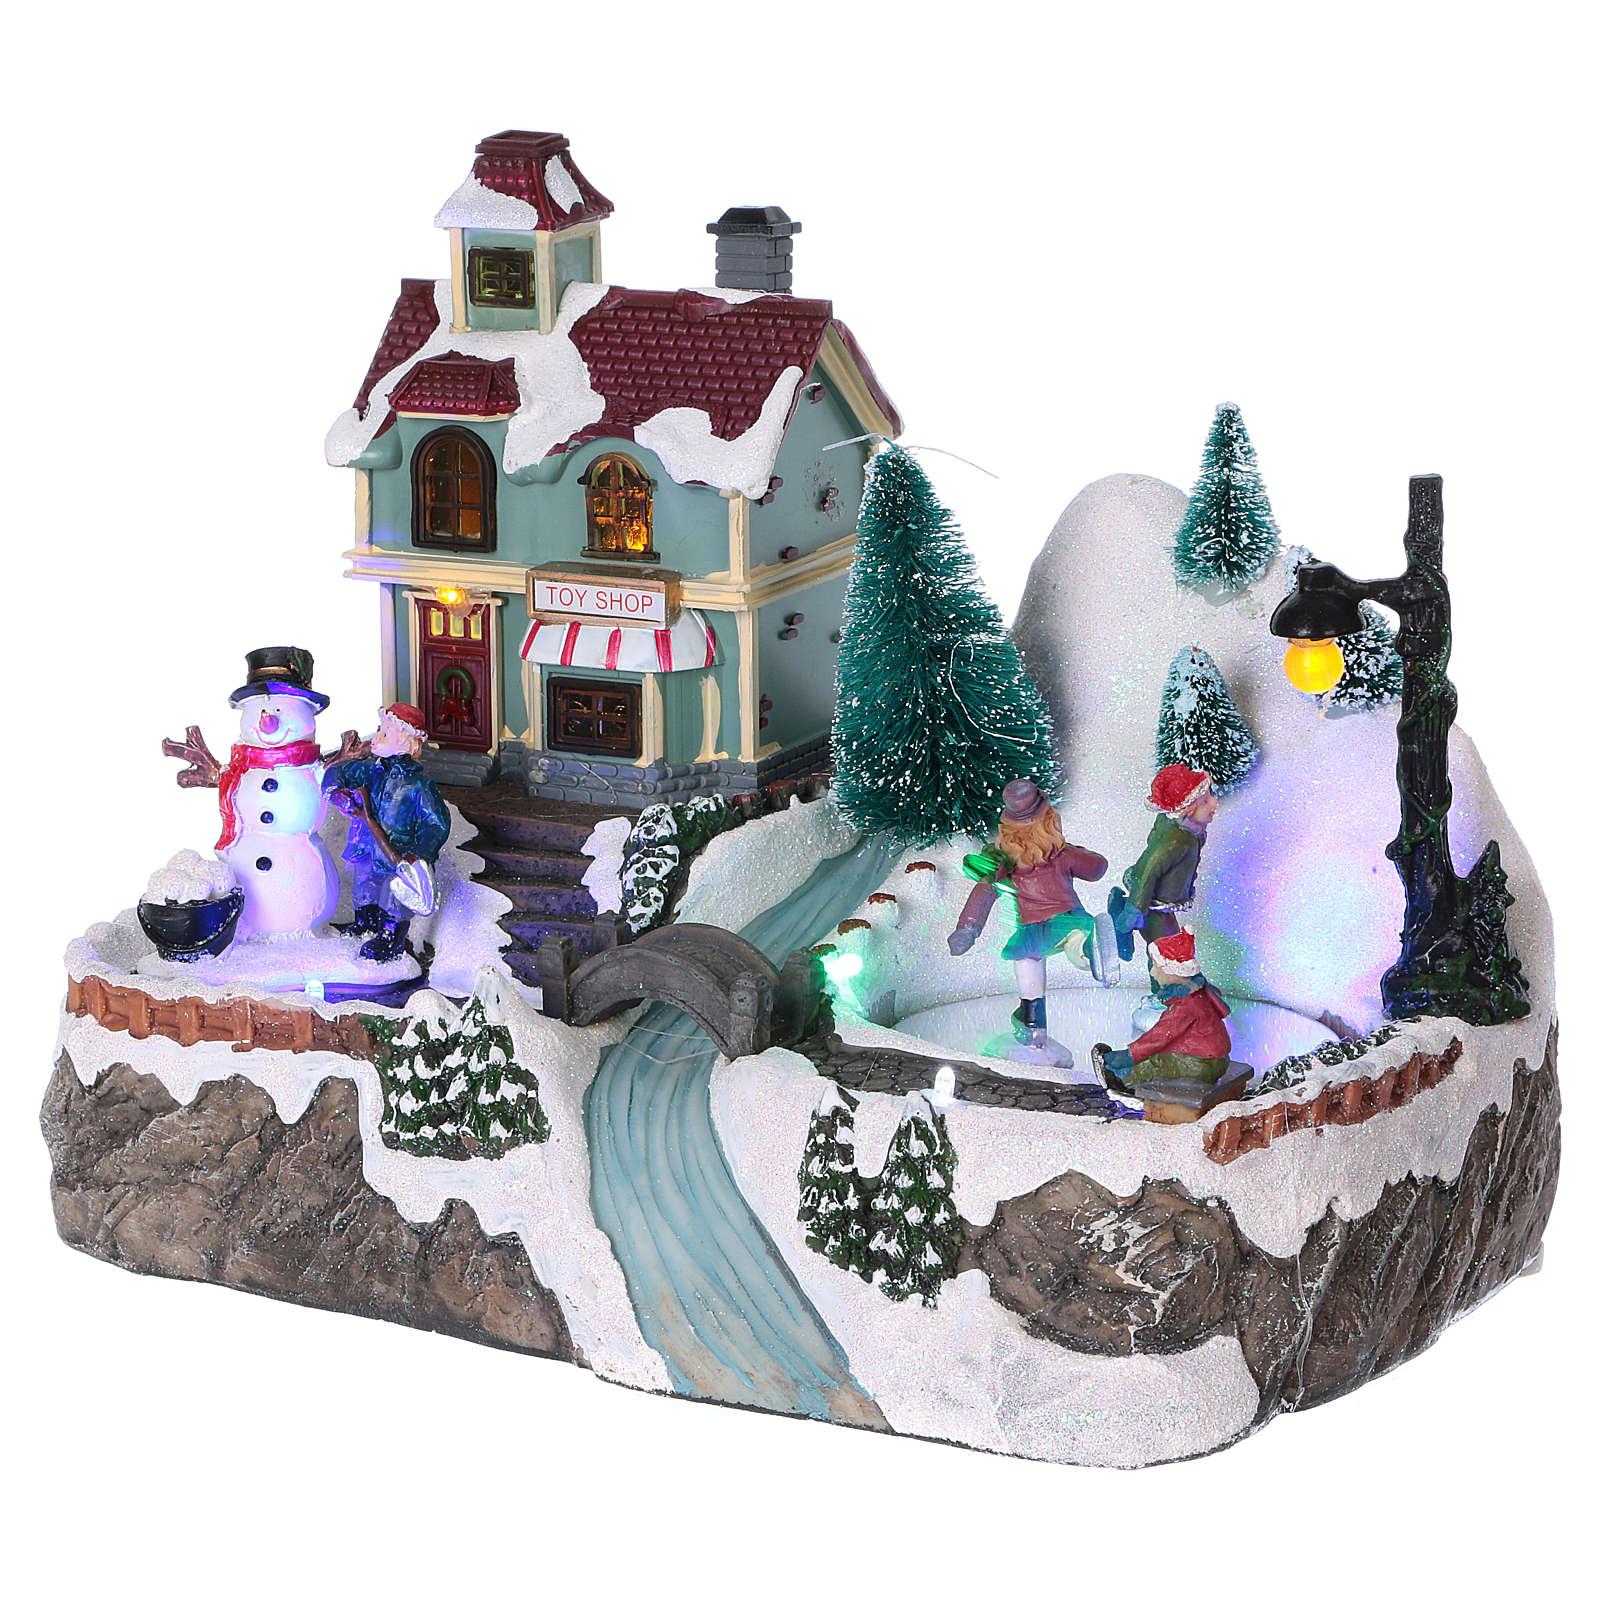 Dekoracja scenka świąteczna podświetlana ruchomi łyżwiarze sklep z zabawkami 20x25x16 cm na baterie zasilacz 3